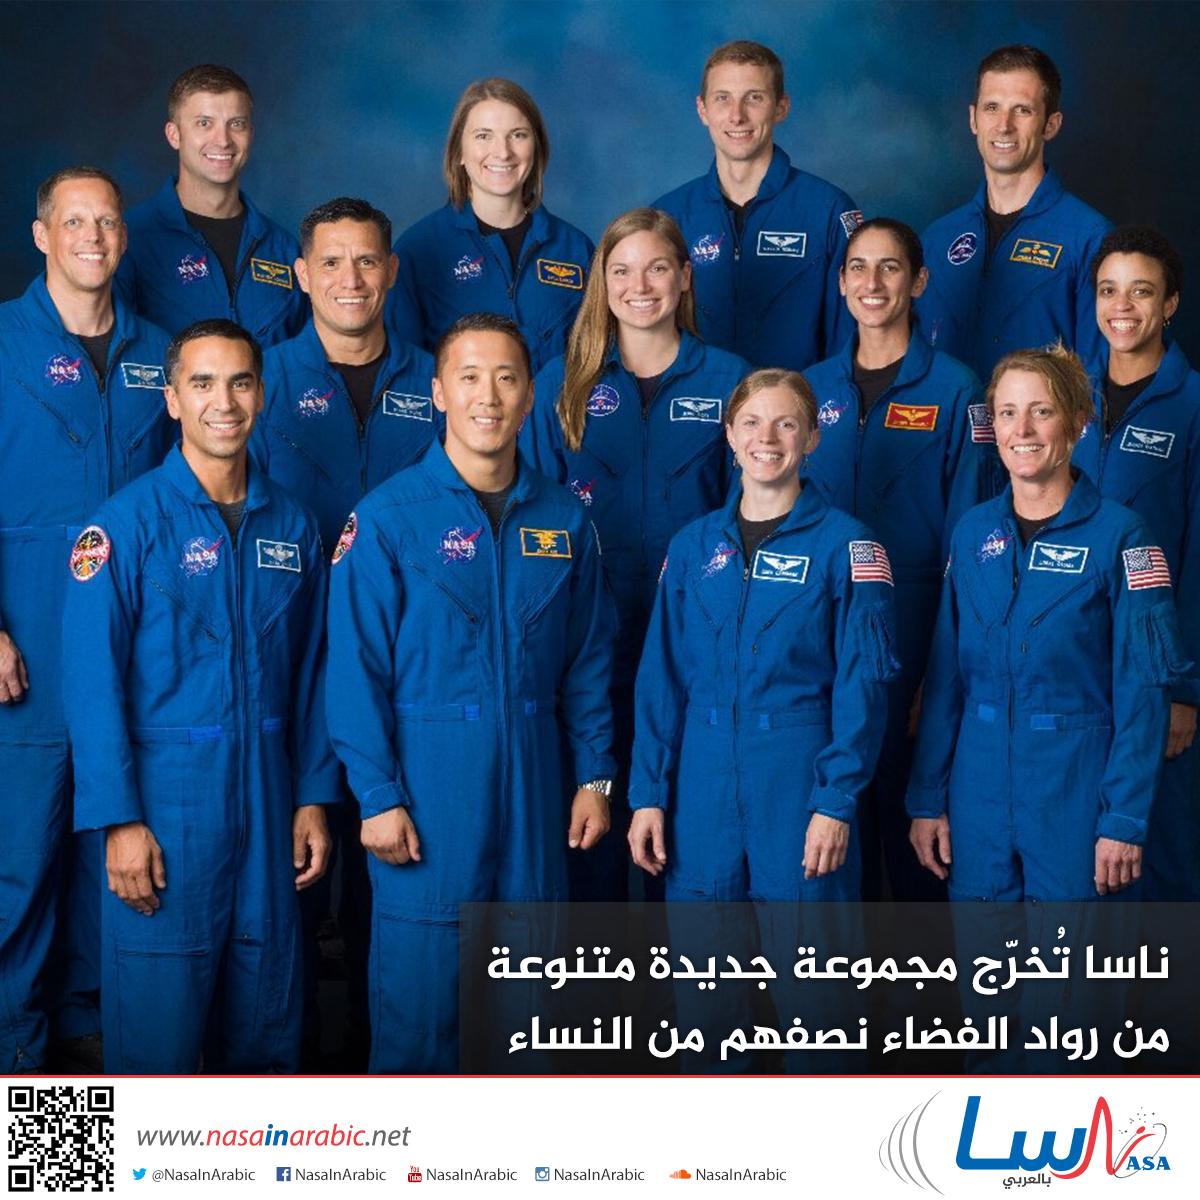 ناسا تُخرّج مجموعة جديدة متنوعة من رواد الفضاء نصفهم من النساء